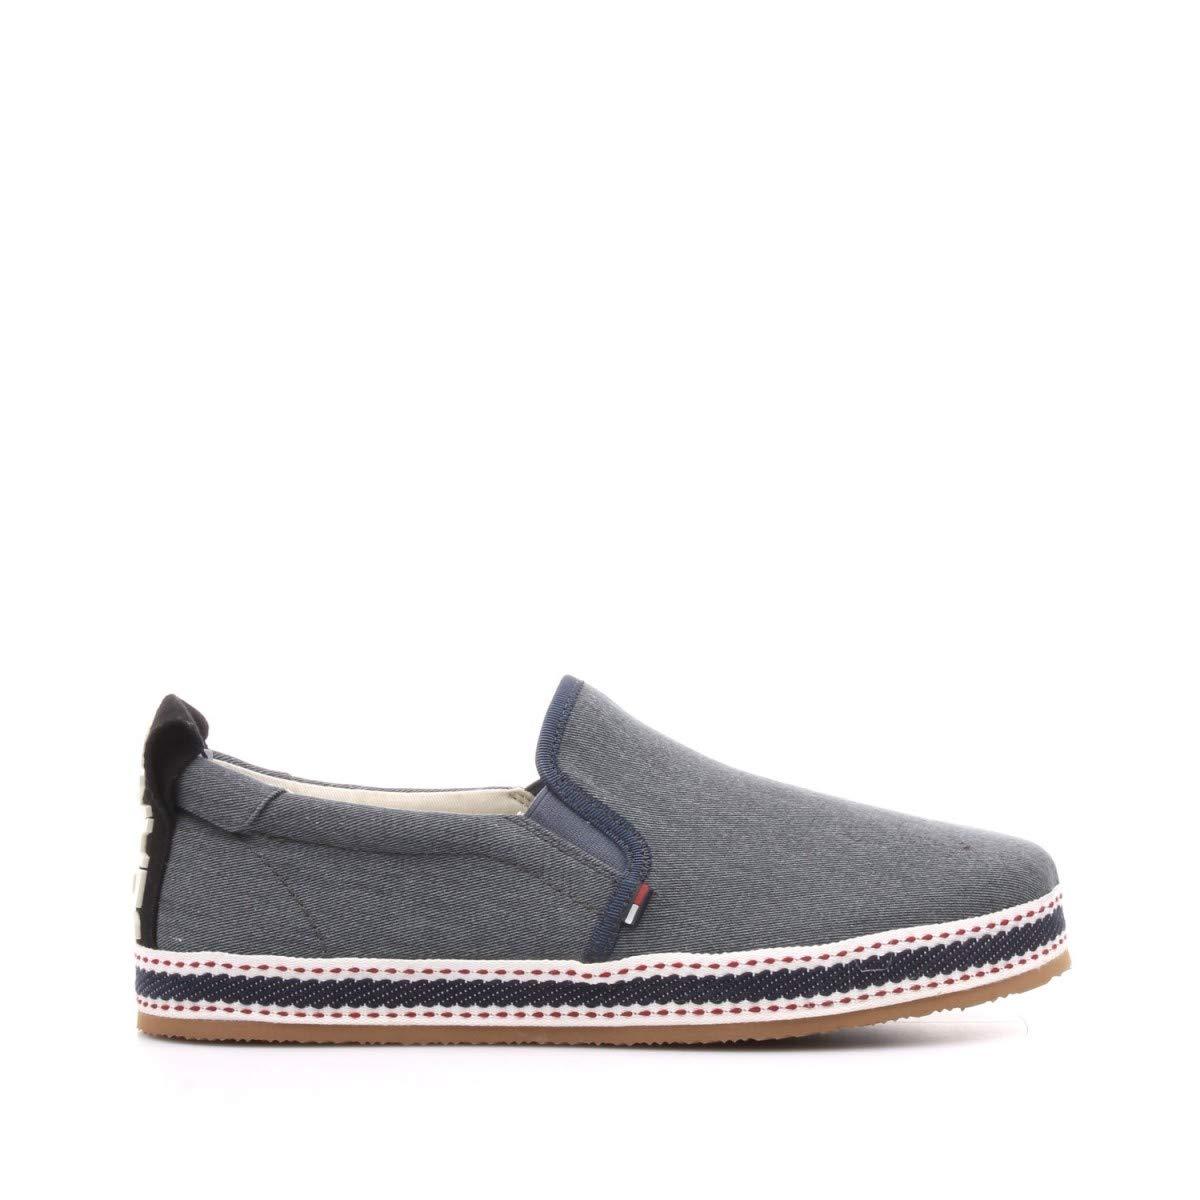 Tommy Hilfiger EM0EM00097 Zapatos Hombre Azul 45